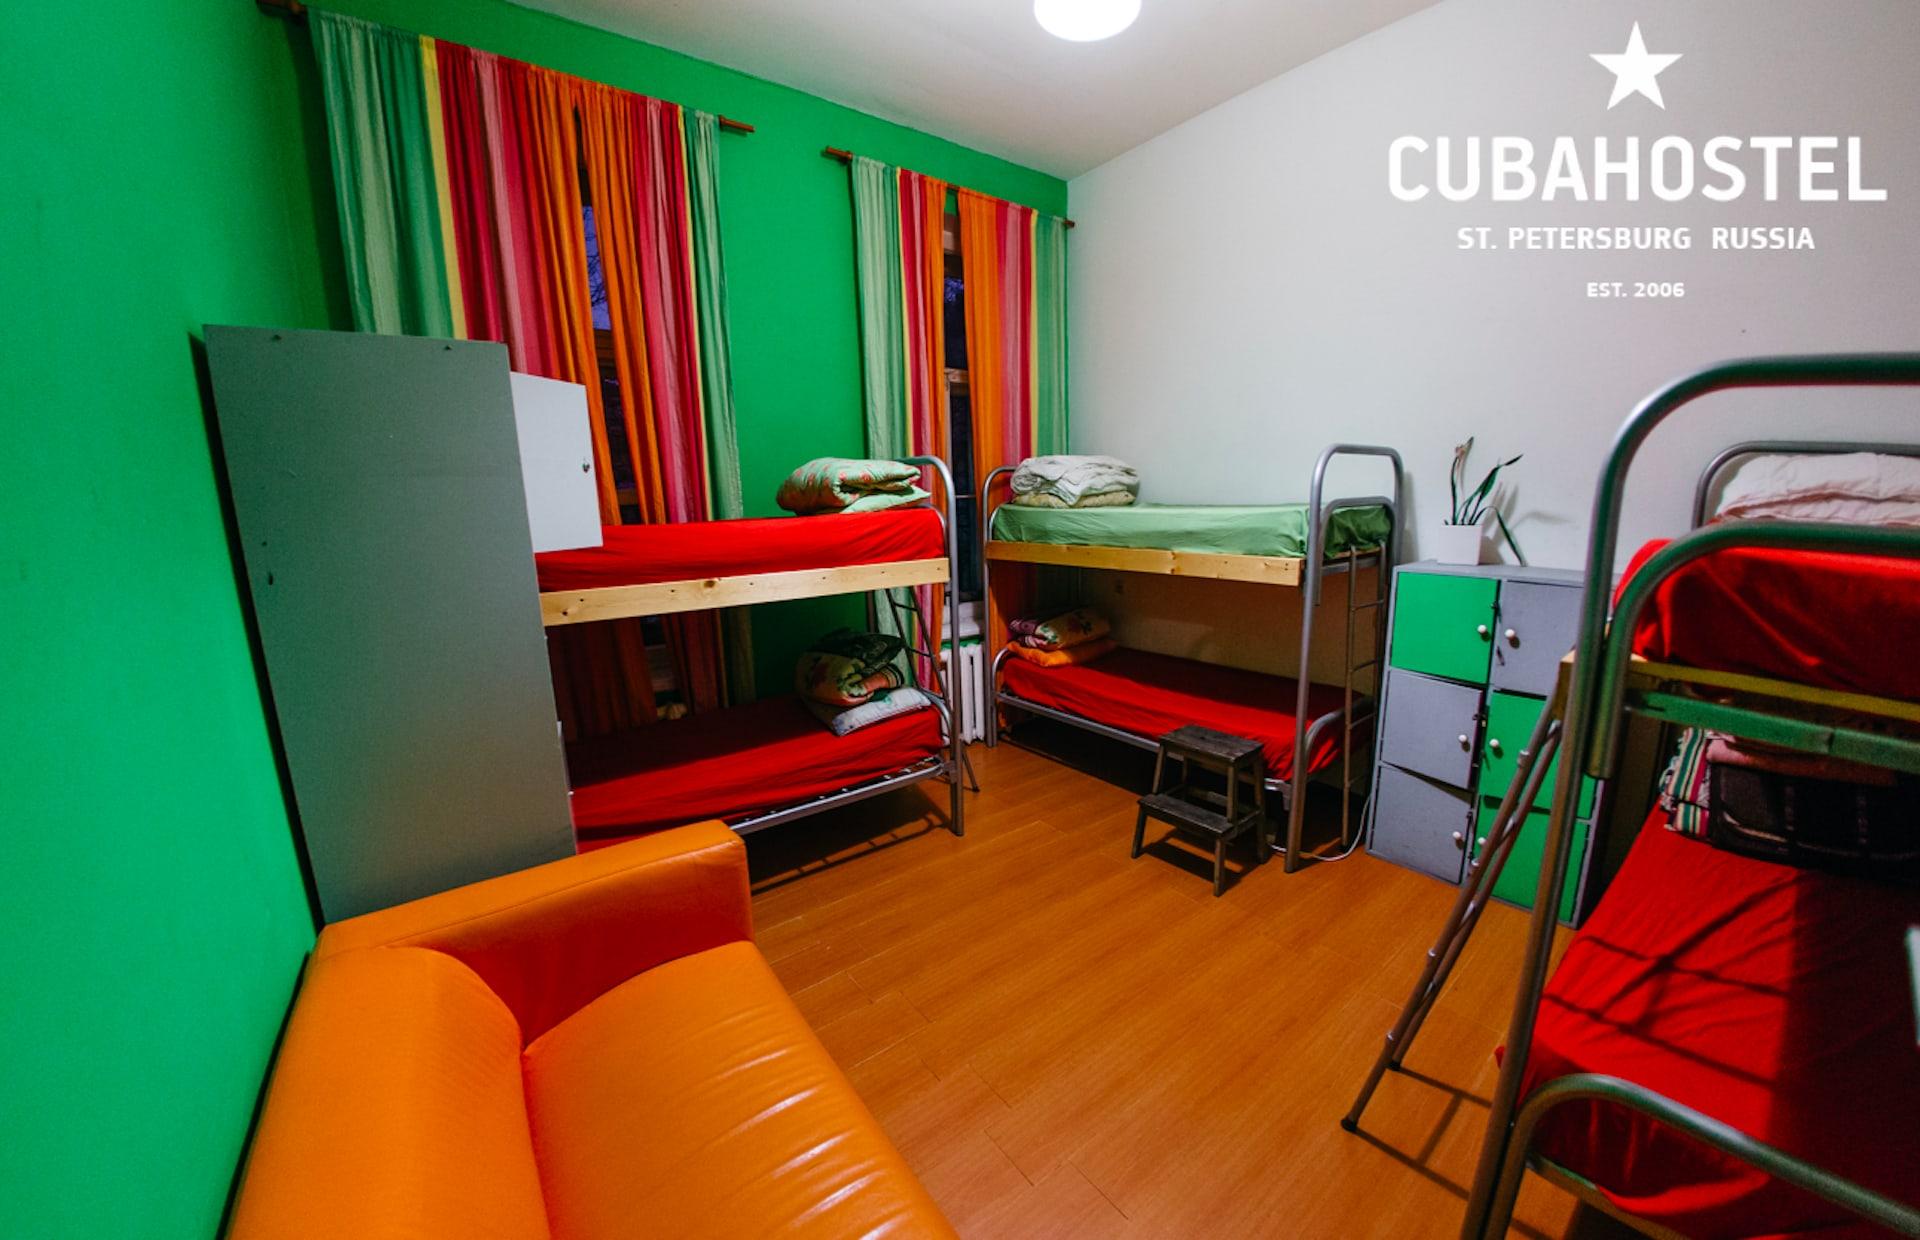 HOSTEL - The Cuba Hostel